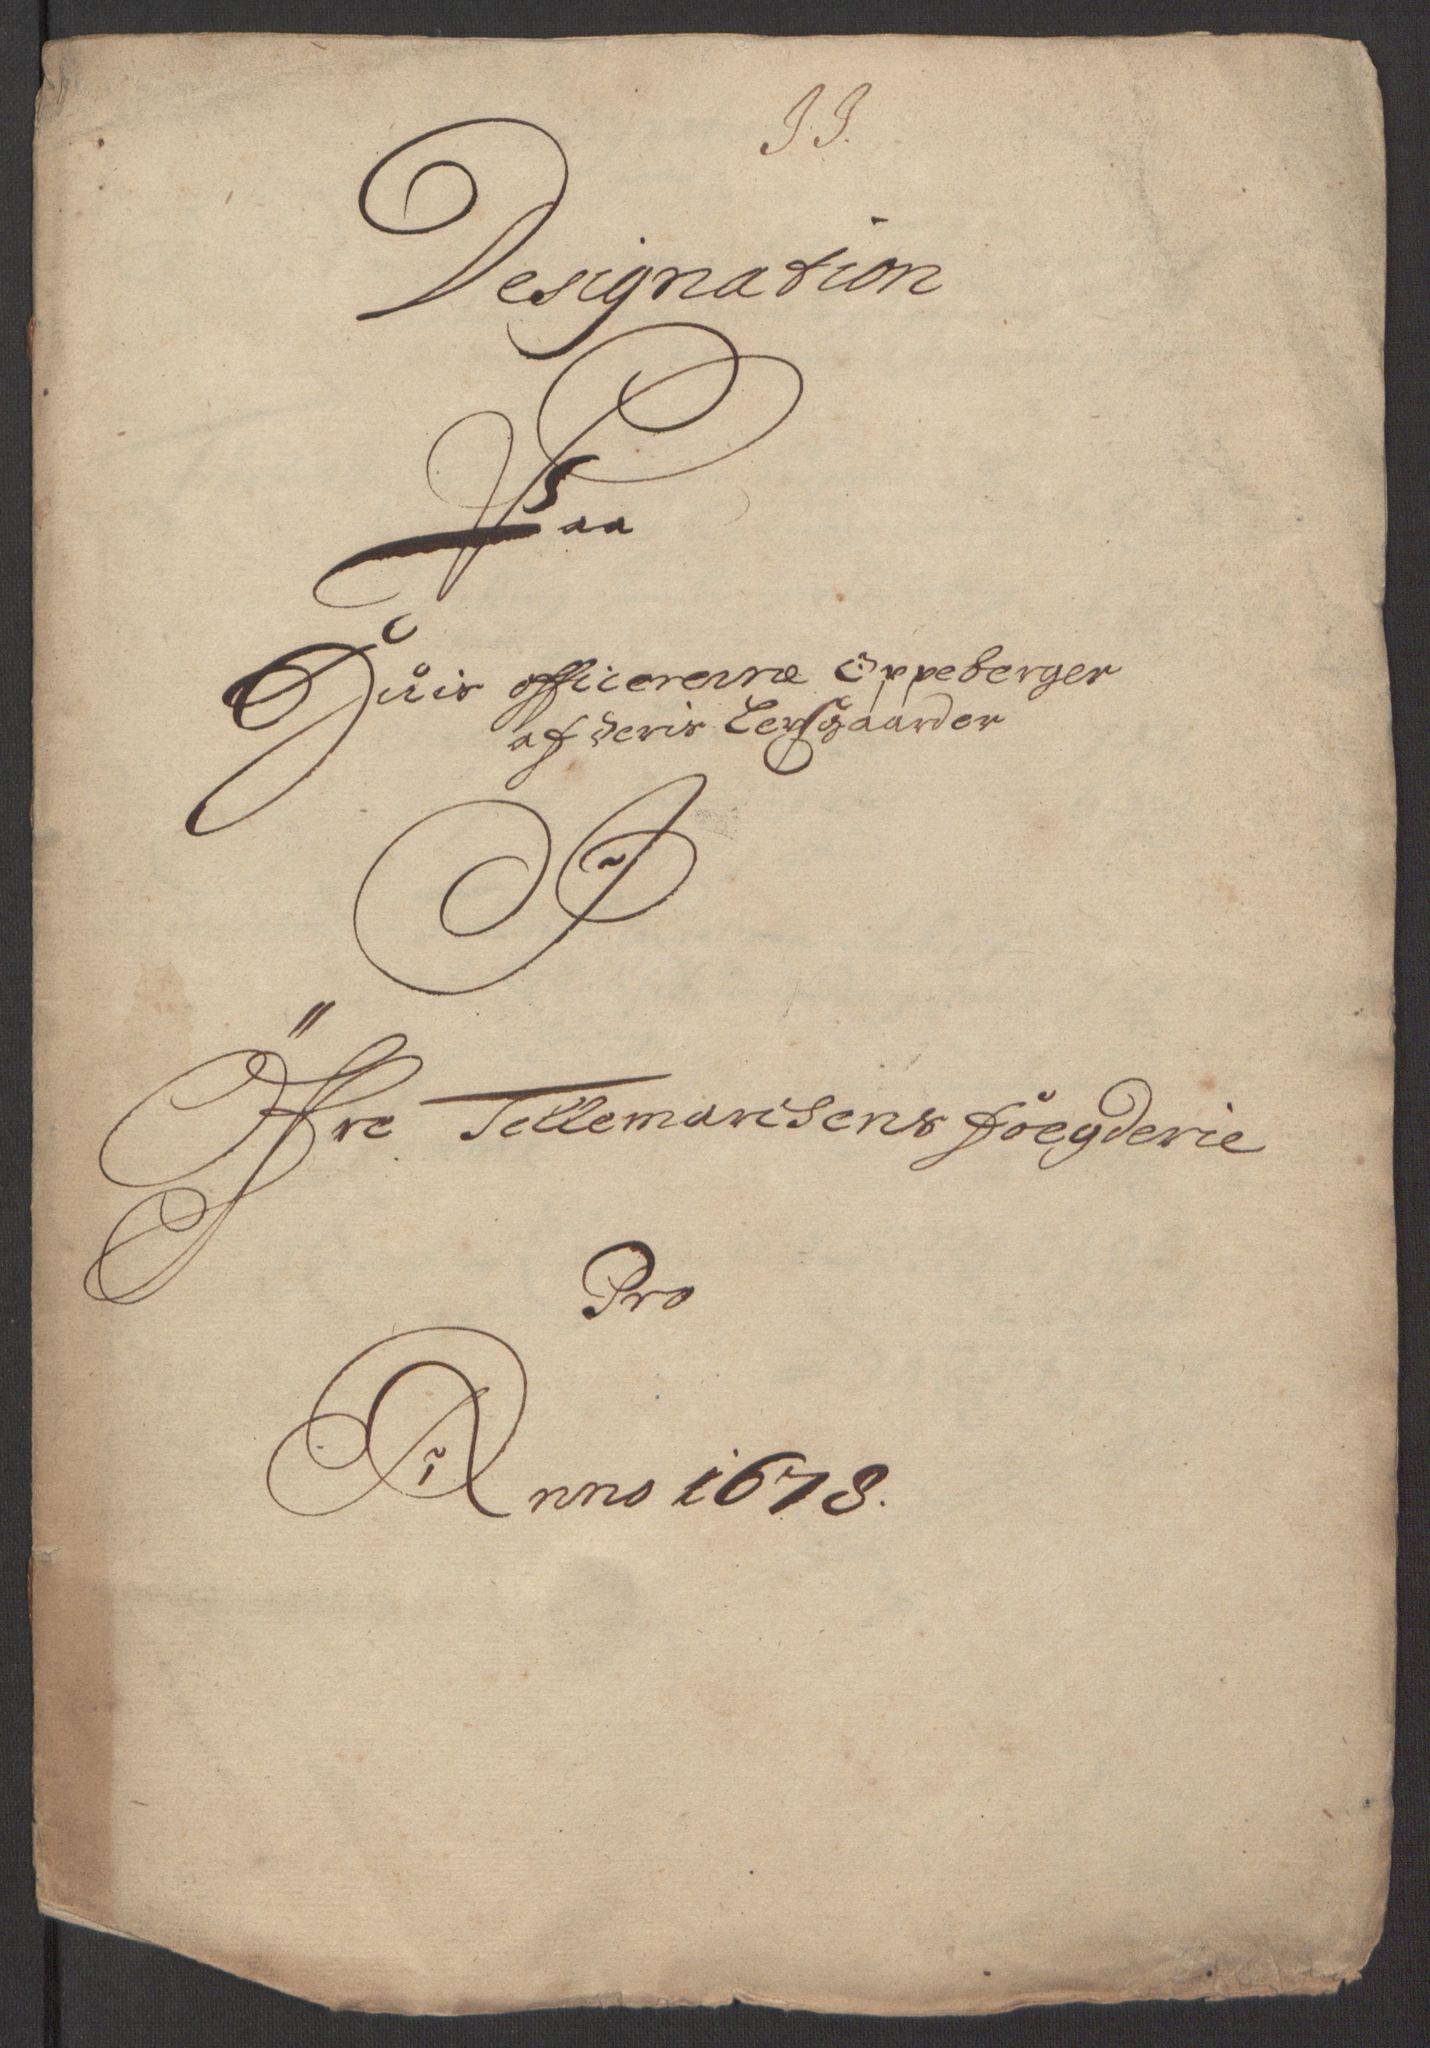 RA, Rentekammeret inntil 1814, Reviderte regnskaper, Fogderegnskap, R35/L2071: Fogderegnskap Øvre og Nedre Telemark, 1678, s. 164